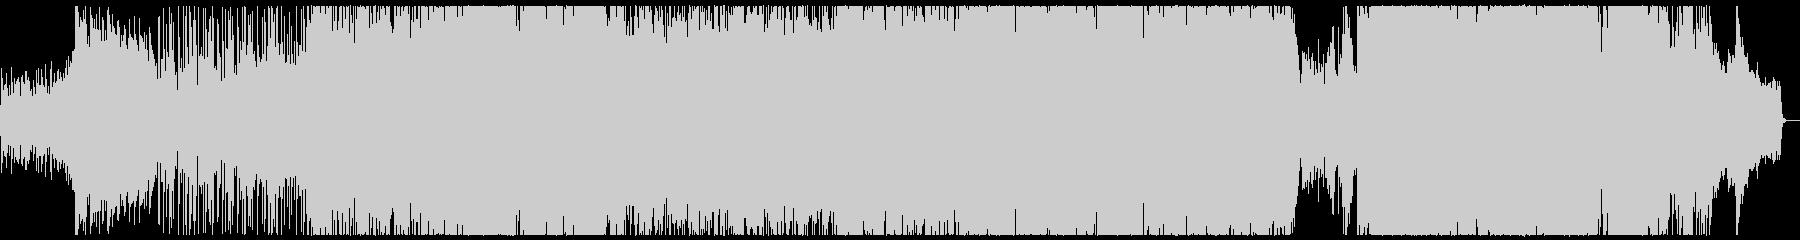 優しくほのぼのとした雰囲気のJ-Popの未再生の波形